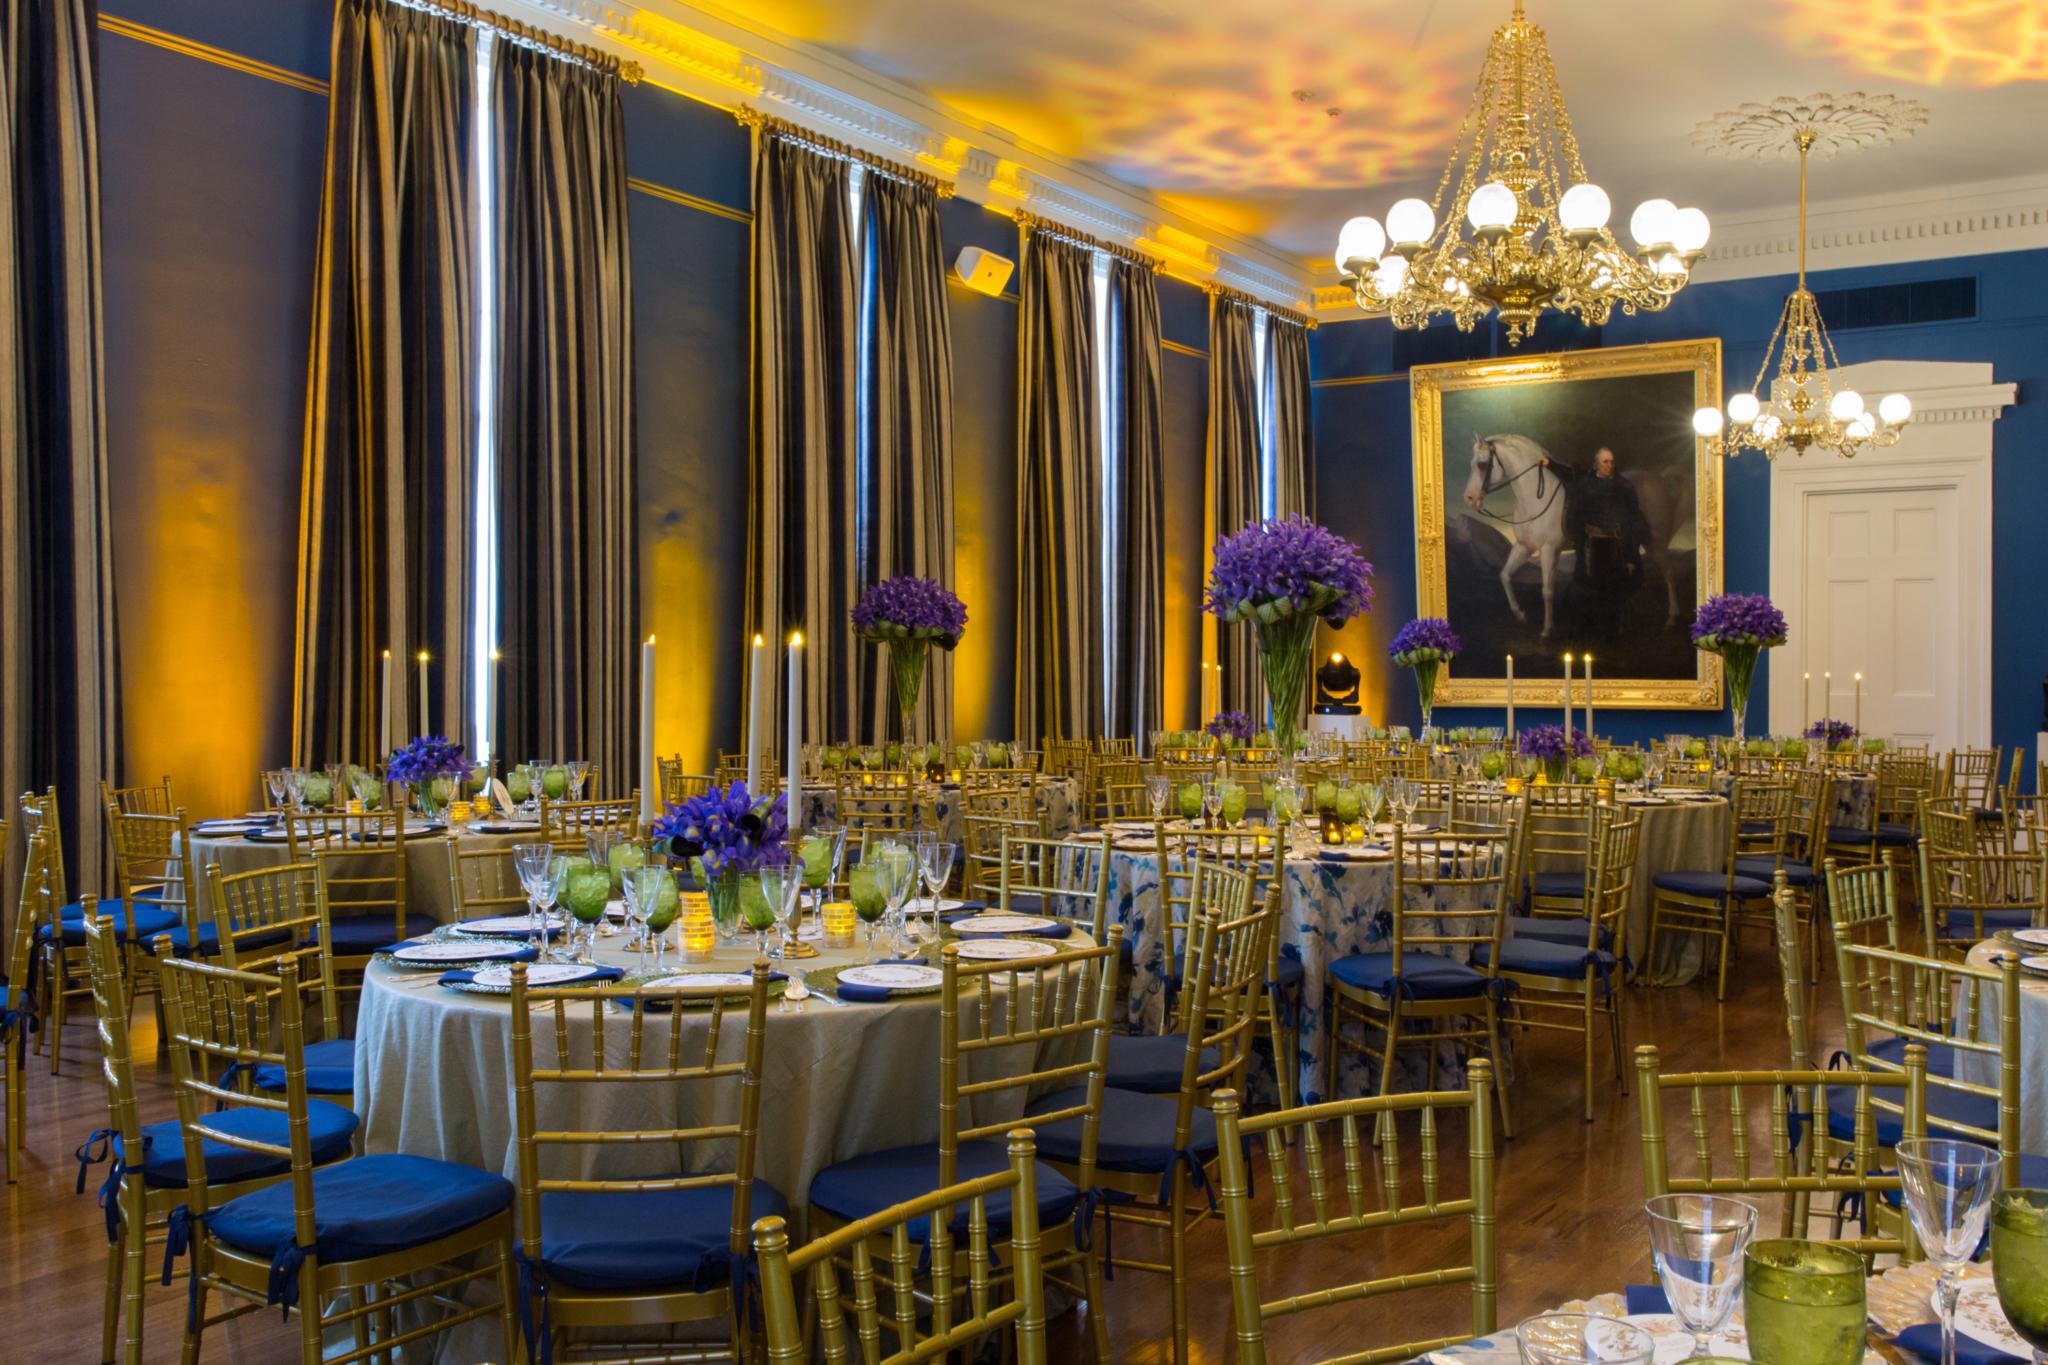 Tricentennial Dinner floral arrangements